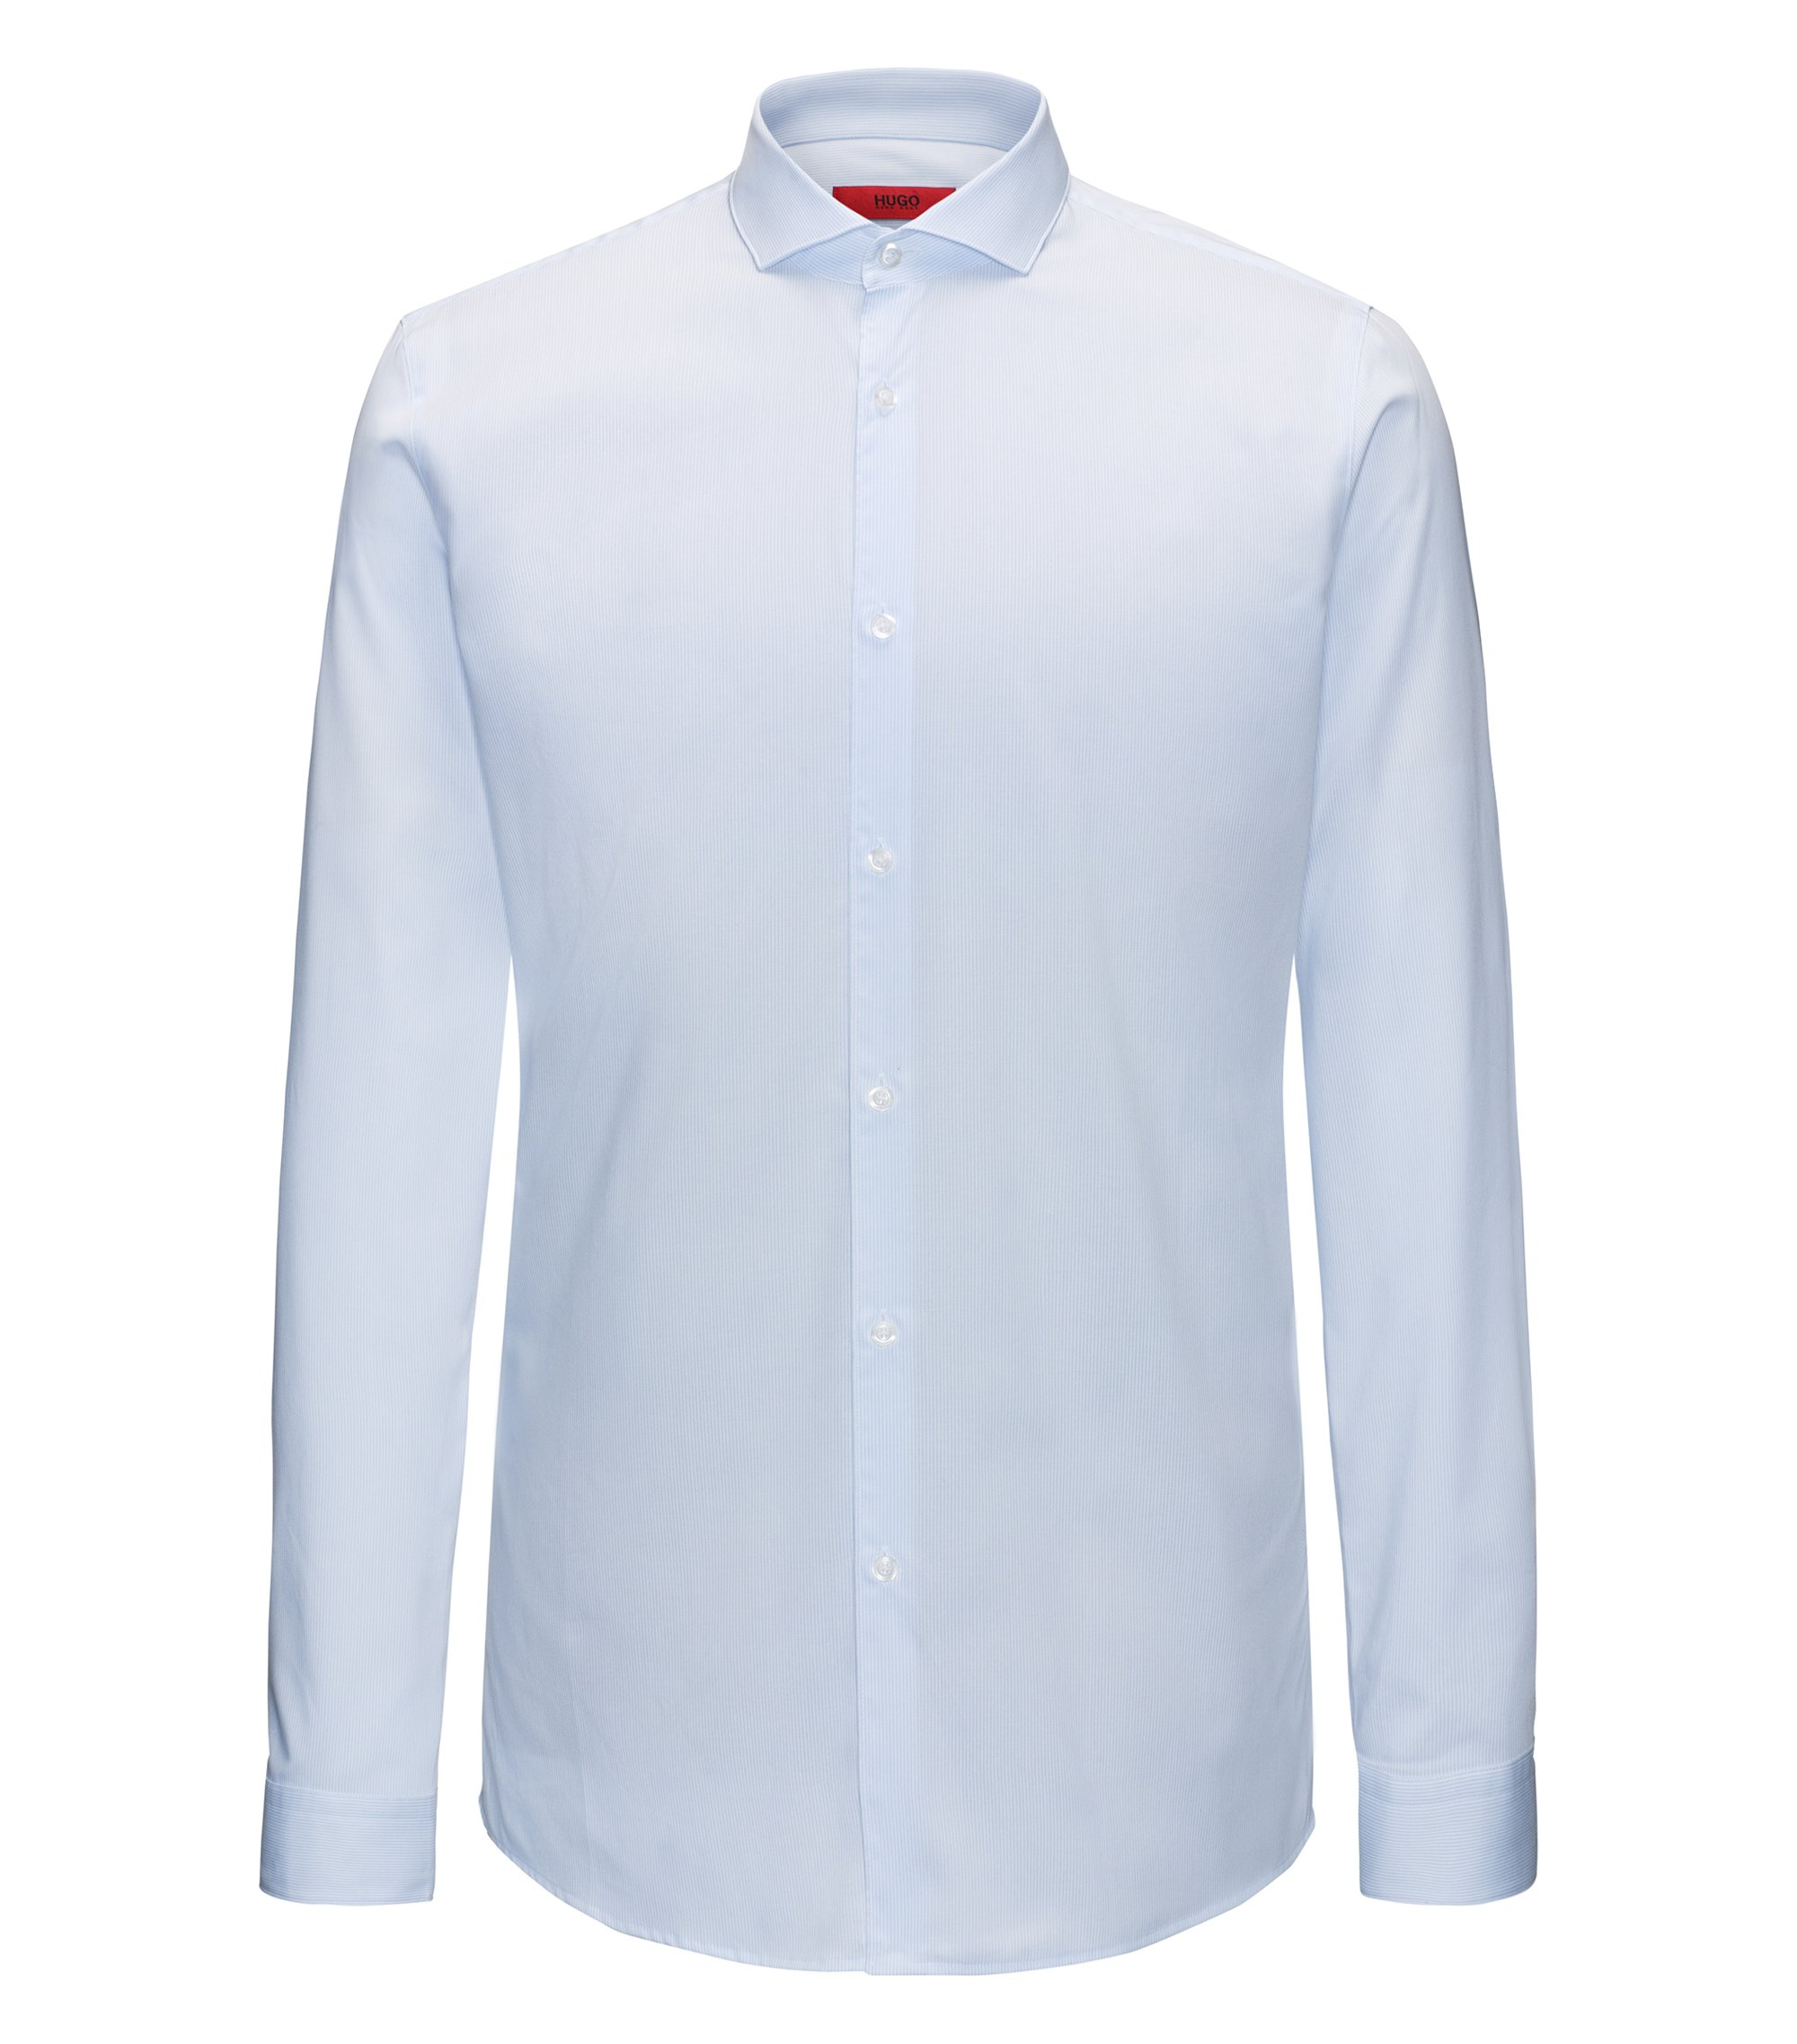 Camicia extra slim fit in cotone a righe, Celeste